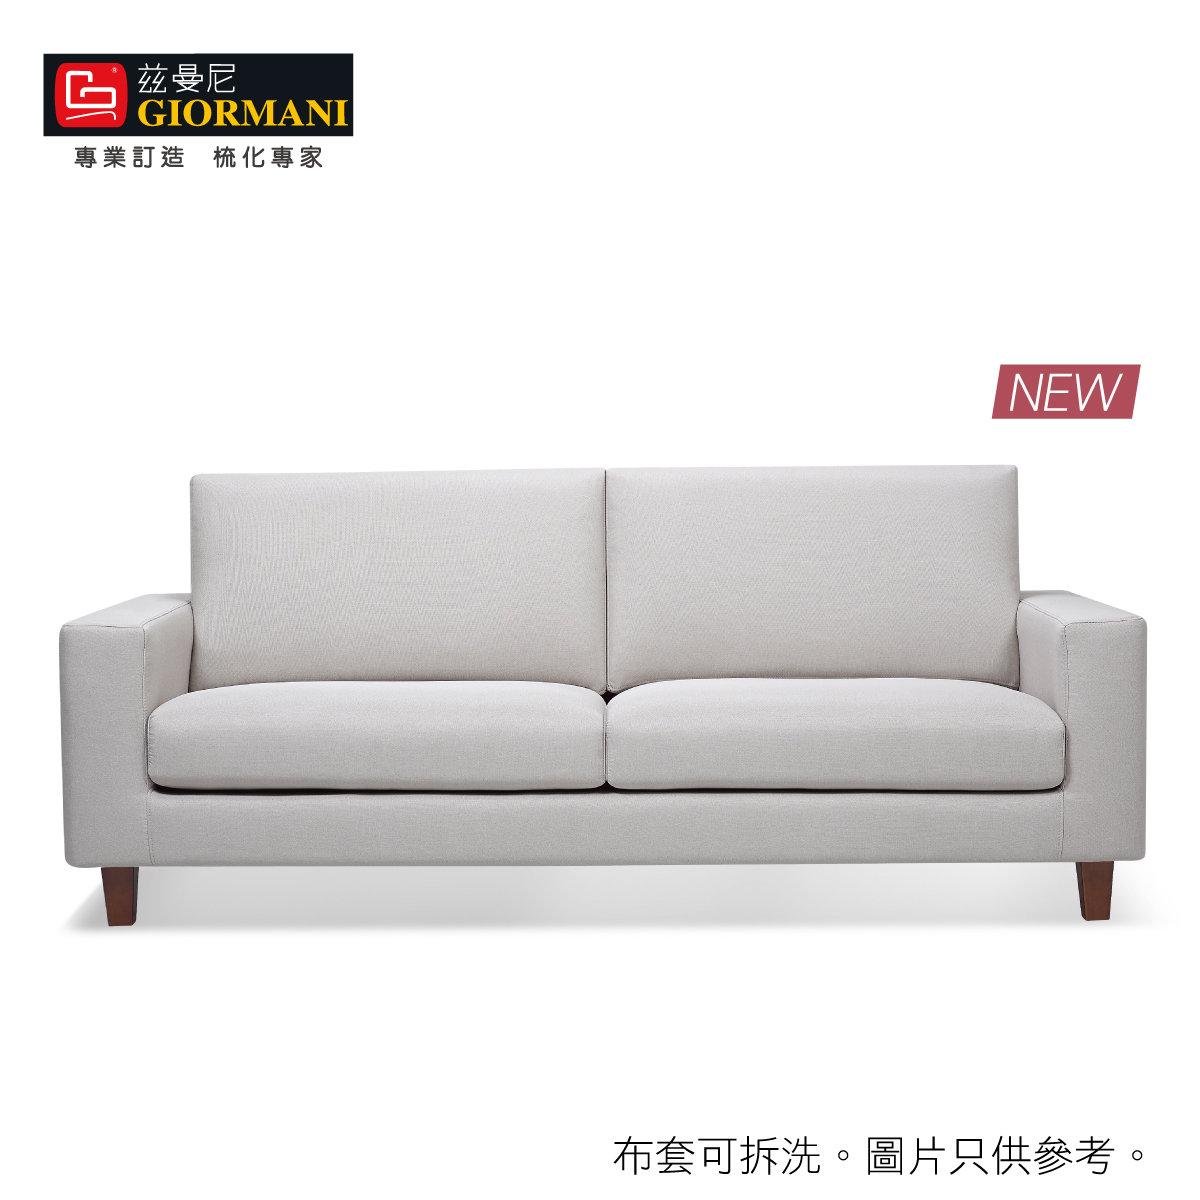 ALTAIR TM5410 - 3-Seater Junior Fabric Sofa